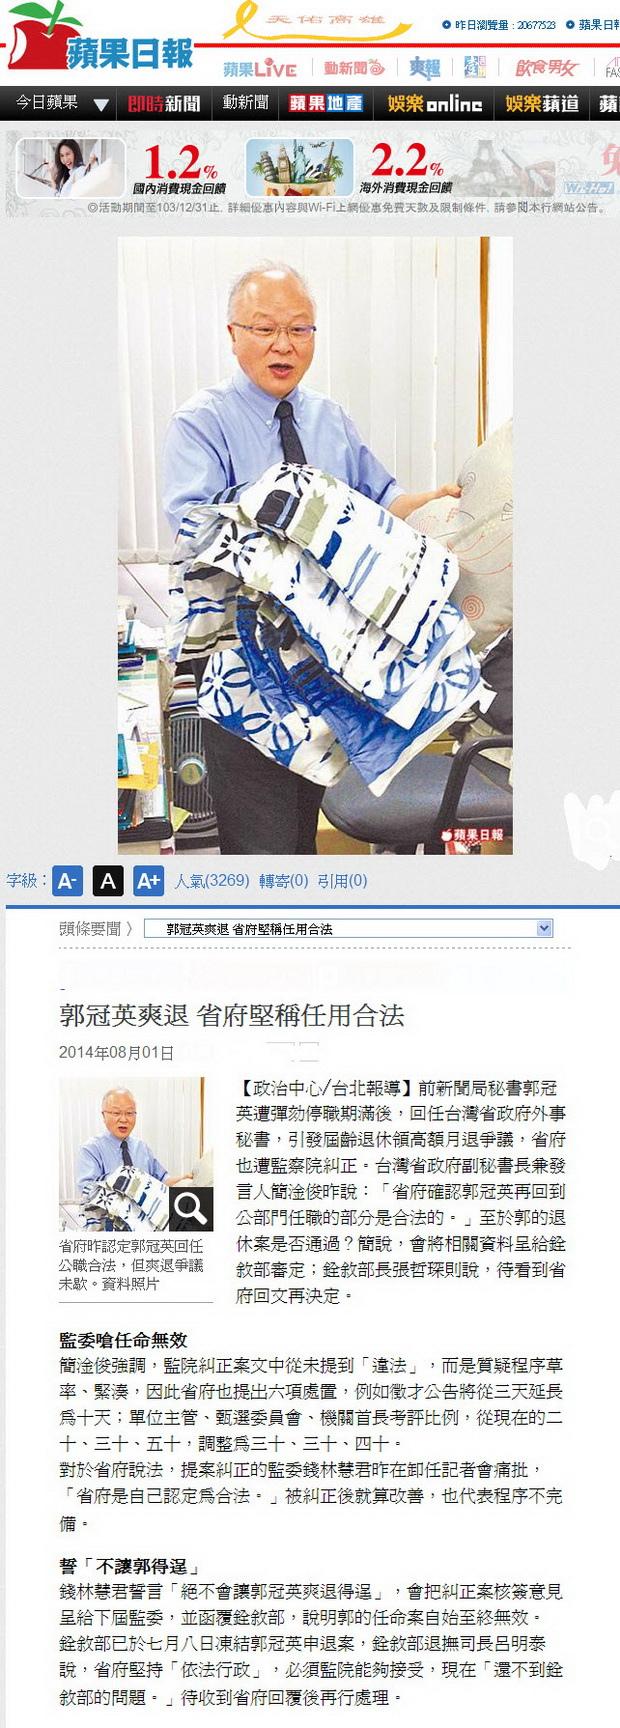 郭冠英爽退 省府堅稱任用合法-2014.08.01.jpg